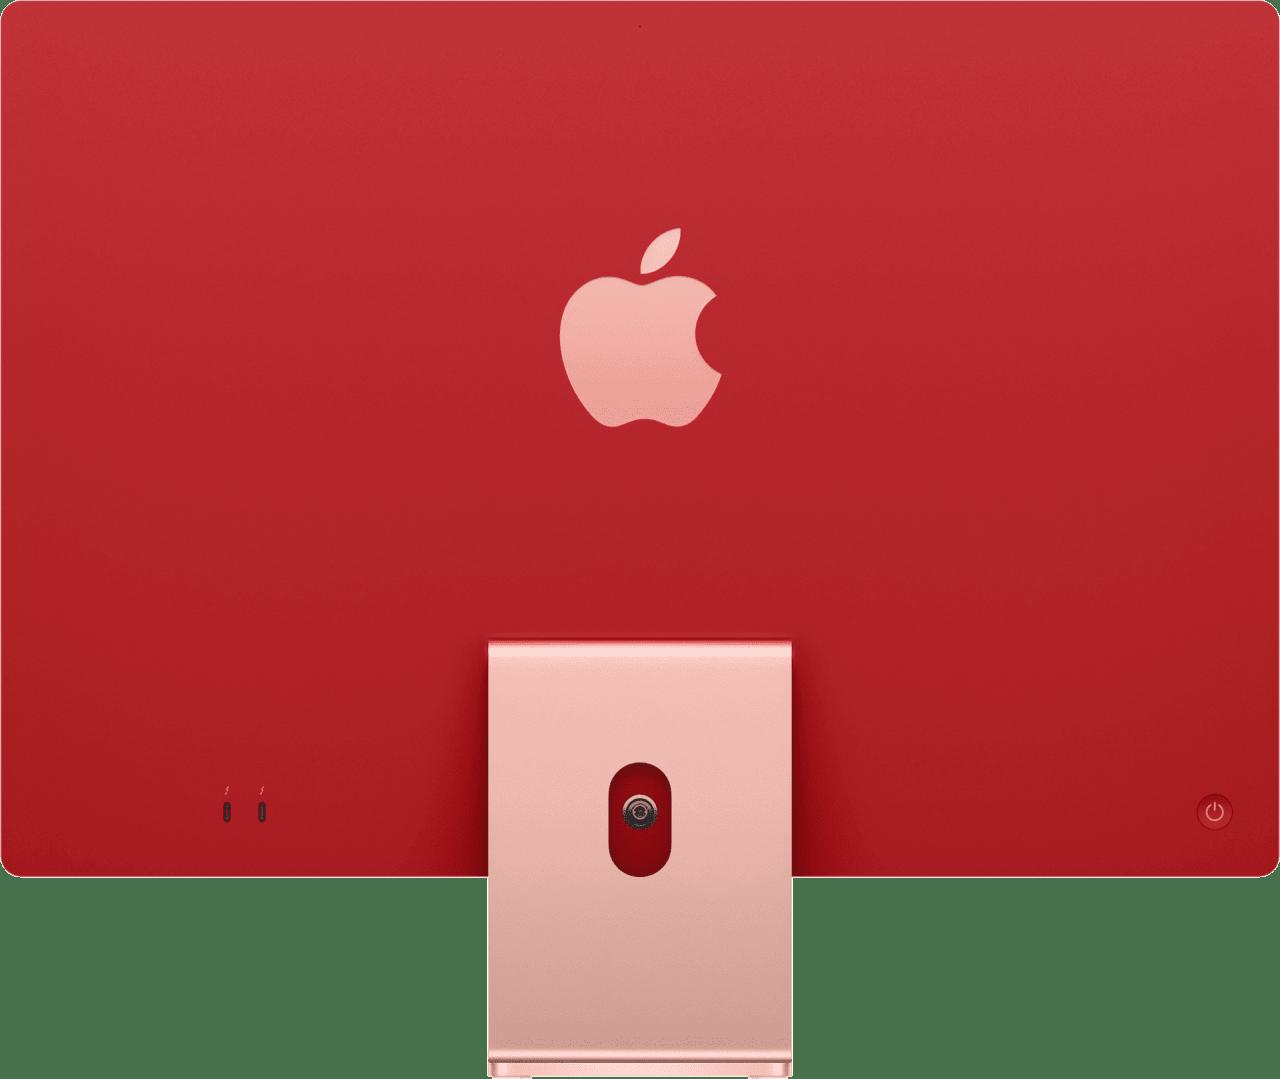 """Rosado Apple 24"""" iMac (mediados de 2021) - Inglés (QWERTY) All-in-One - Apple M1 - 8GB - 256 GB SSD - Apple integrado GPU de 7 núcleos.3"""